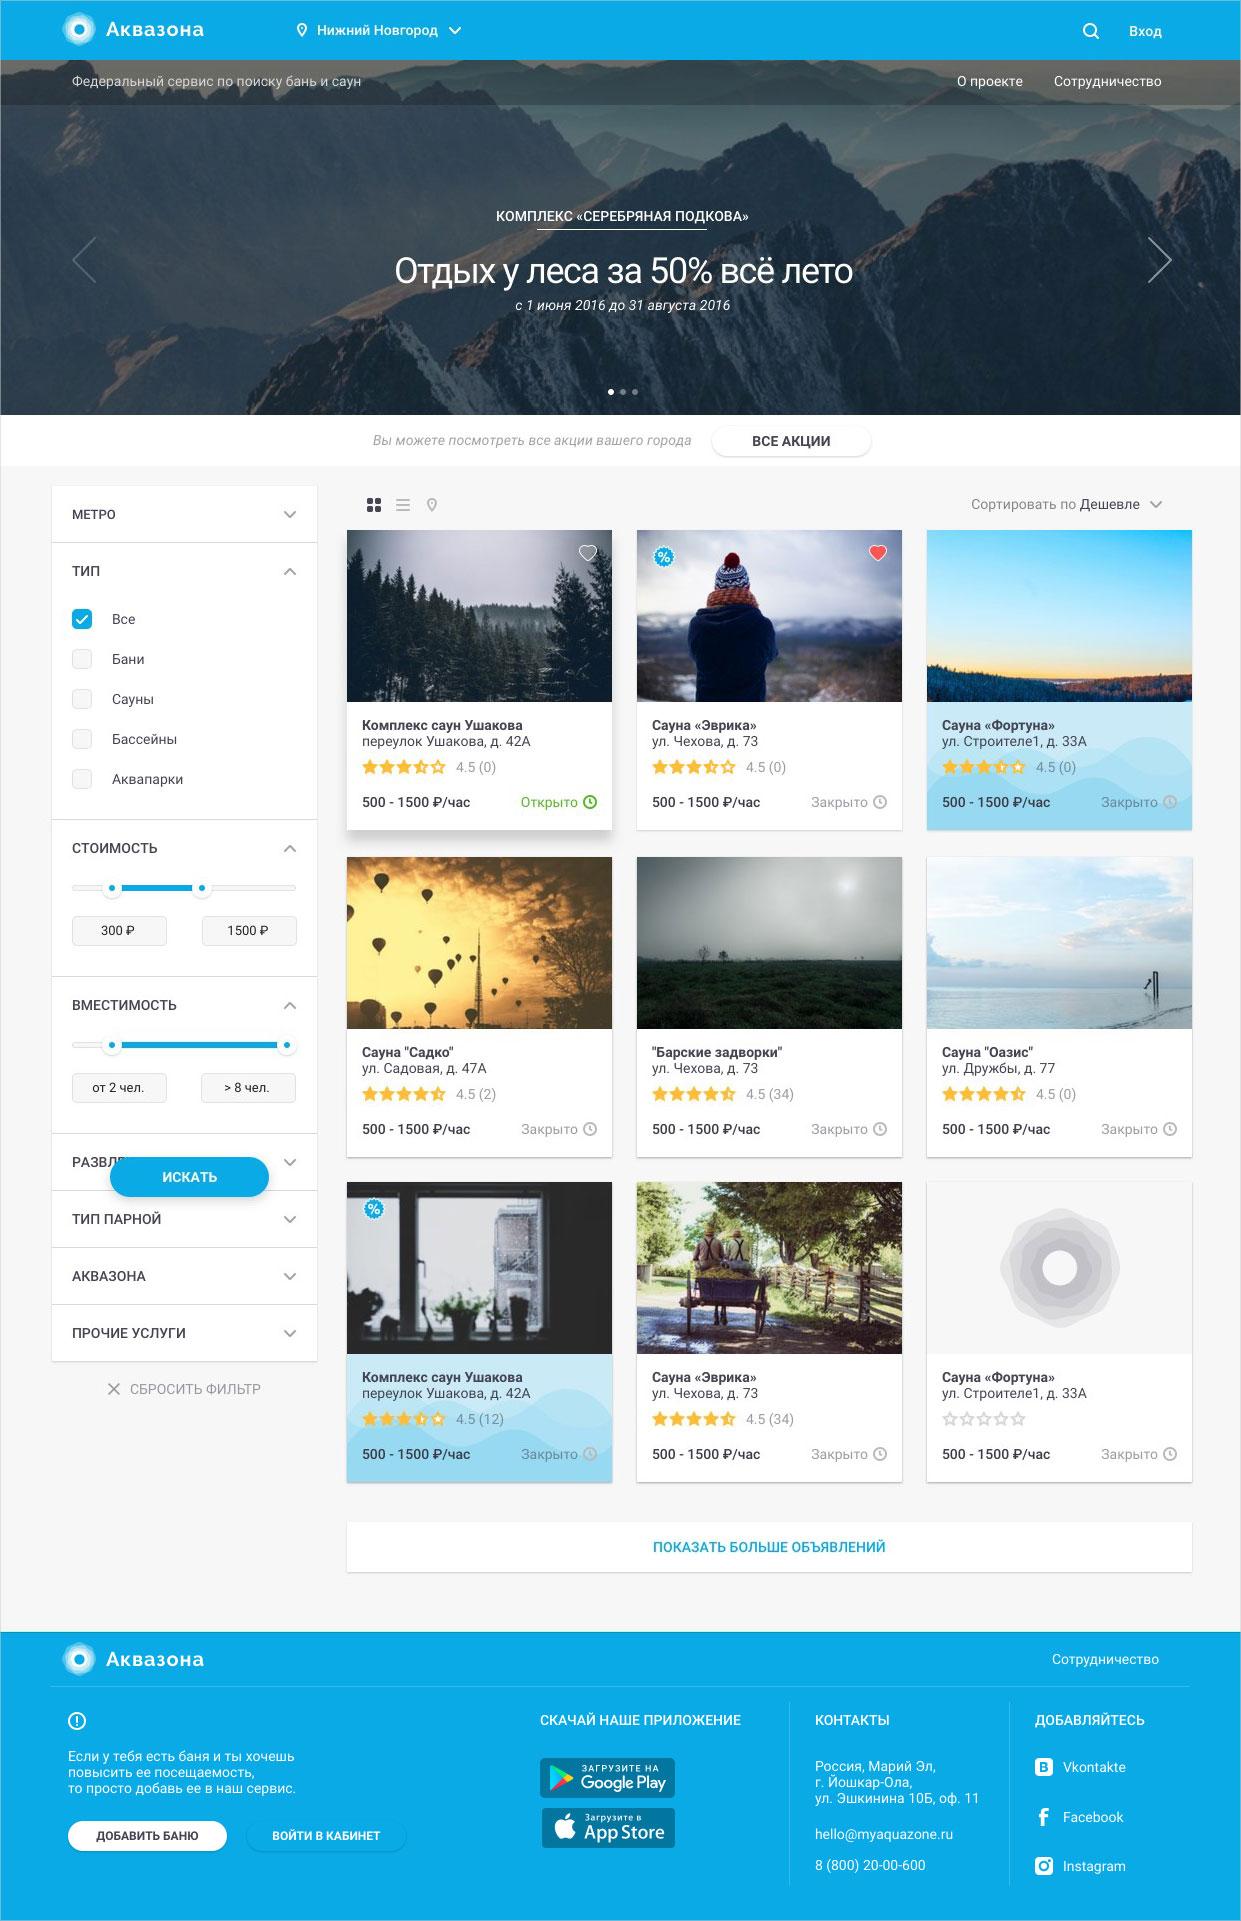 Главная страница сервиса: список объектов и фильтр по ним